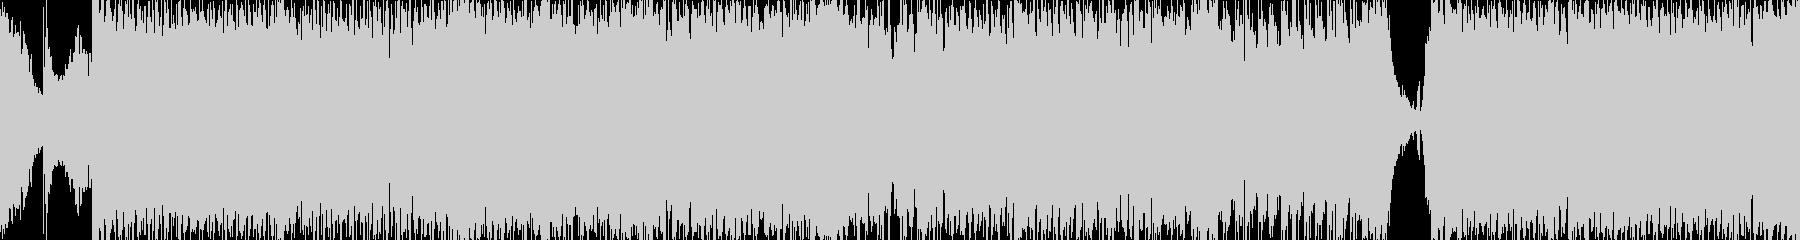 音ゲーみたいなアップテンポな和風曲ループの未再生の波形